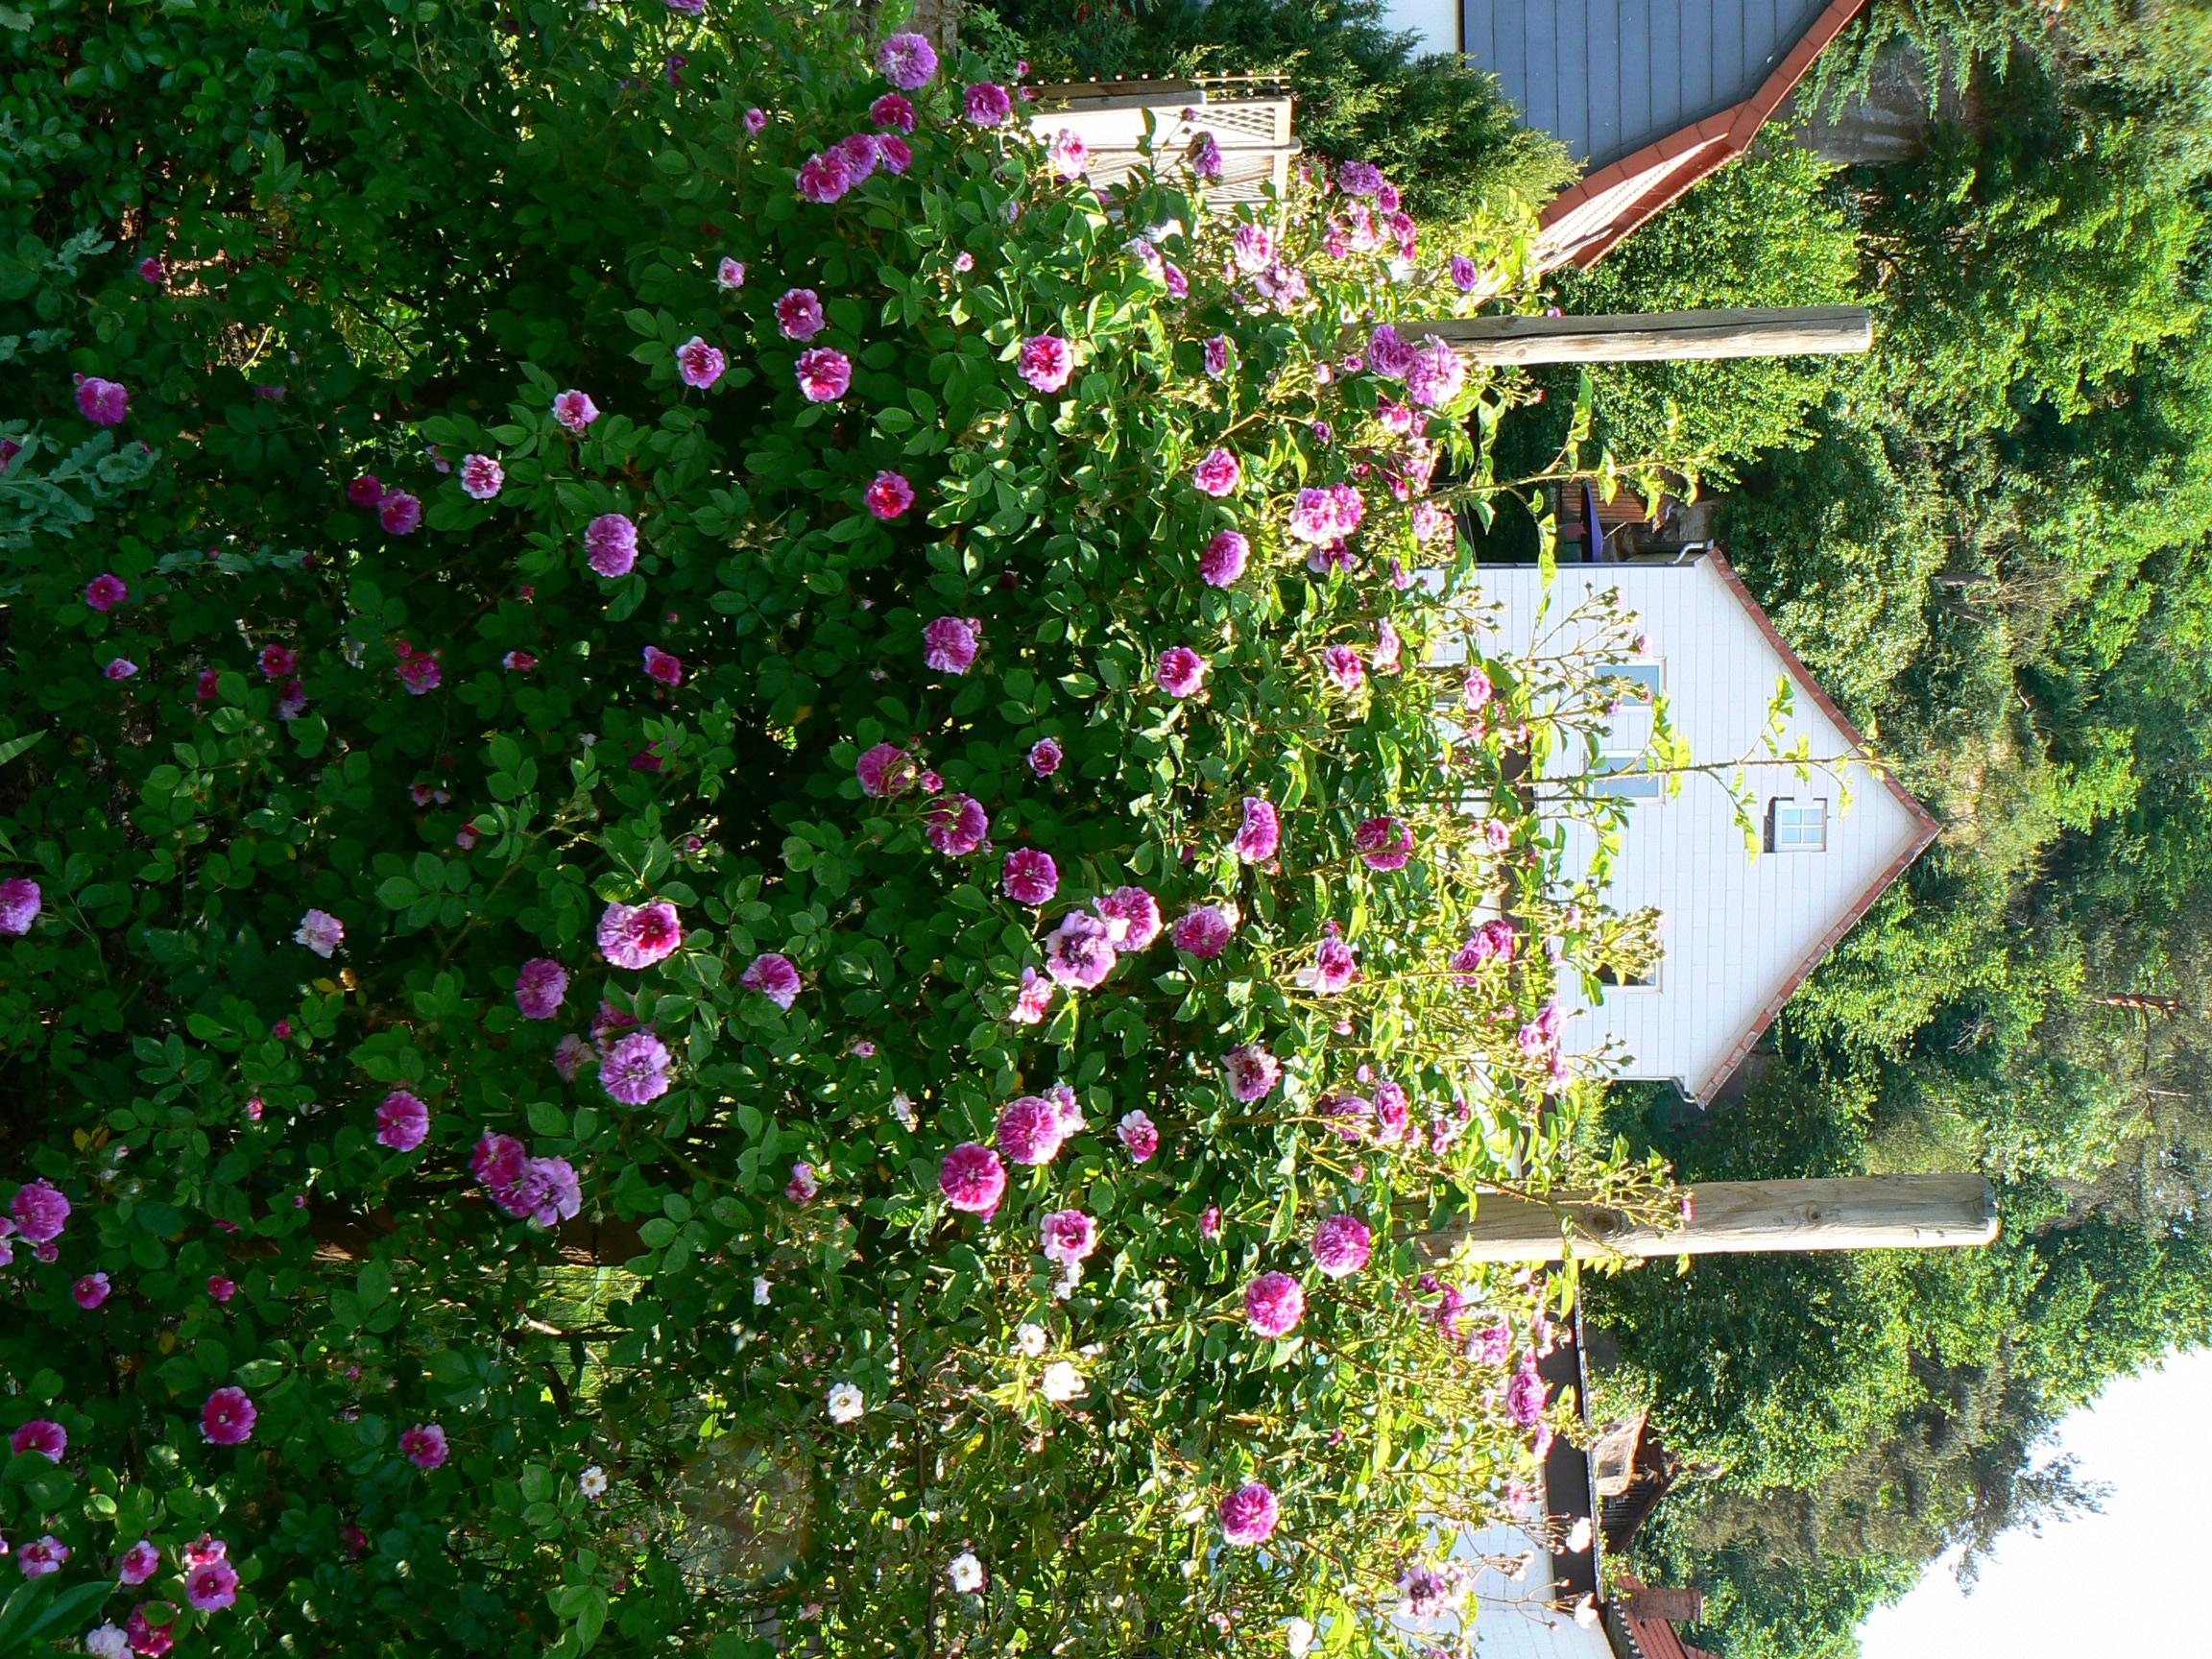 Klettergerüste Für Rosen : Himmelsauge grönloof rosen hemerocallisverkauf